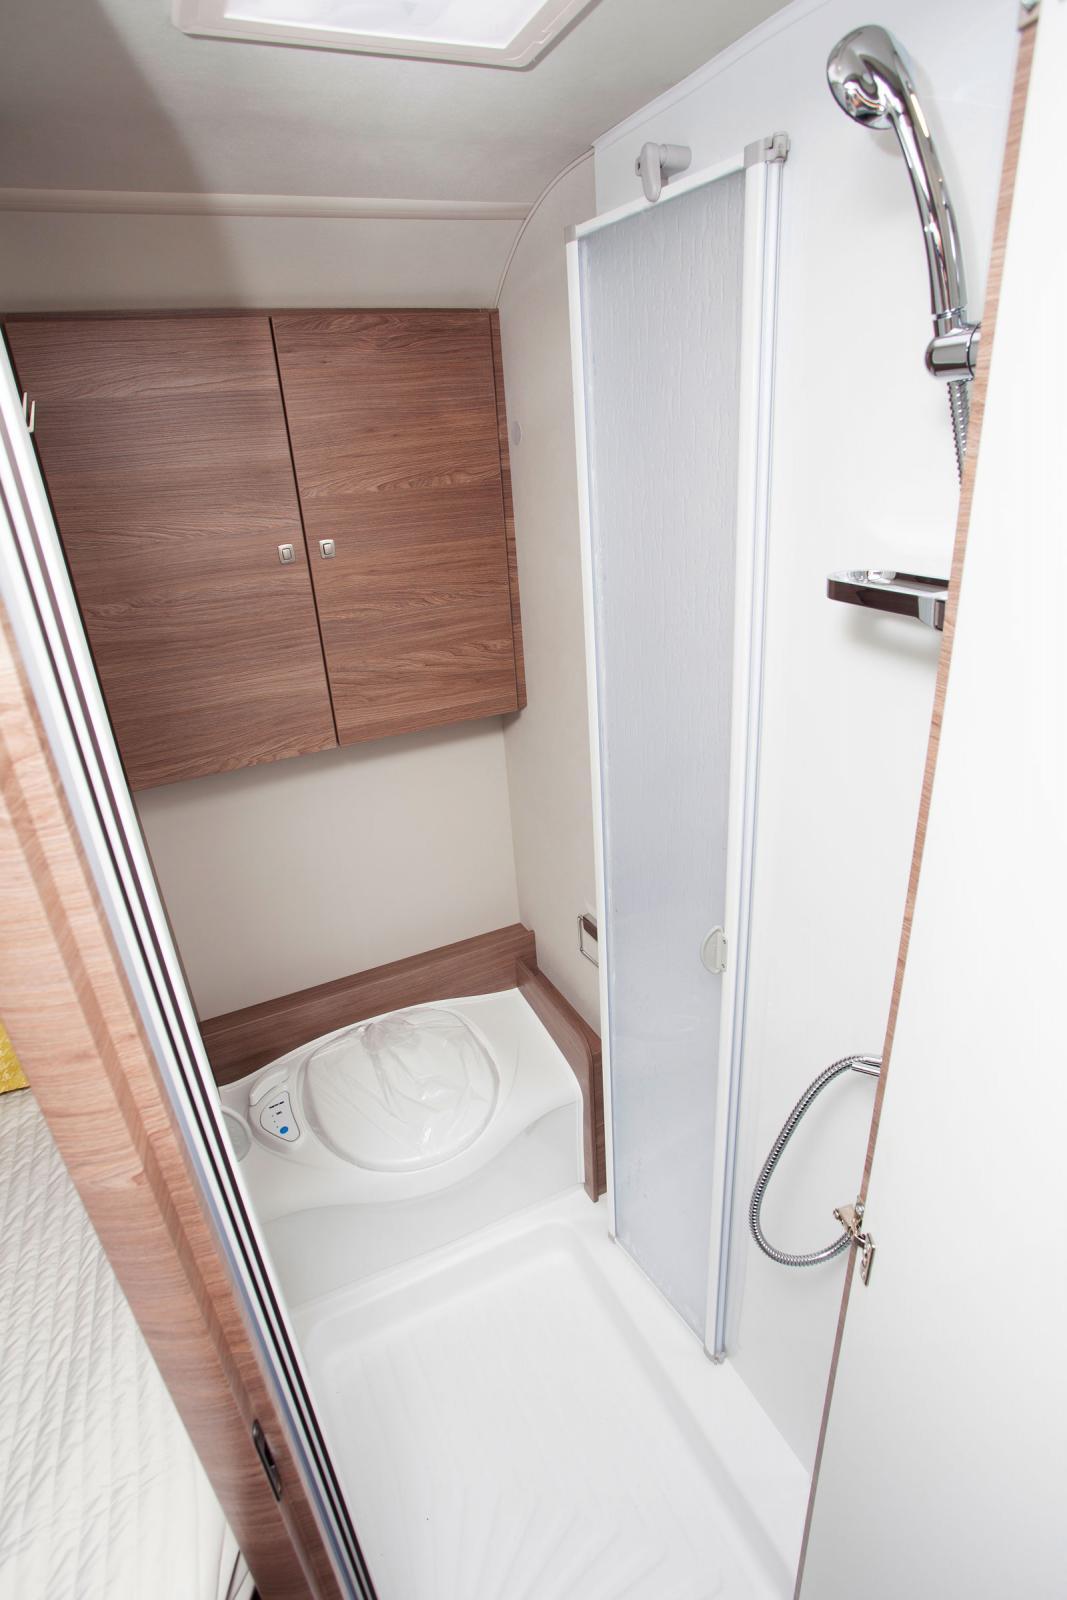 I duschen finns en nedfällbar klädstång där exempelvis blöta regnkläder kan hänga och droppa av.